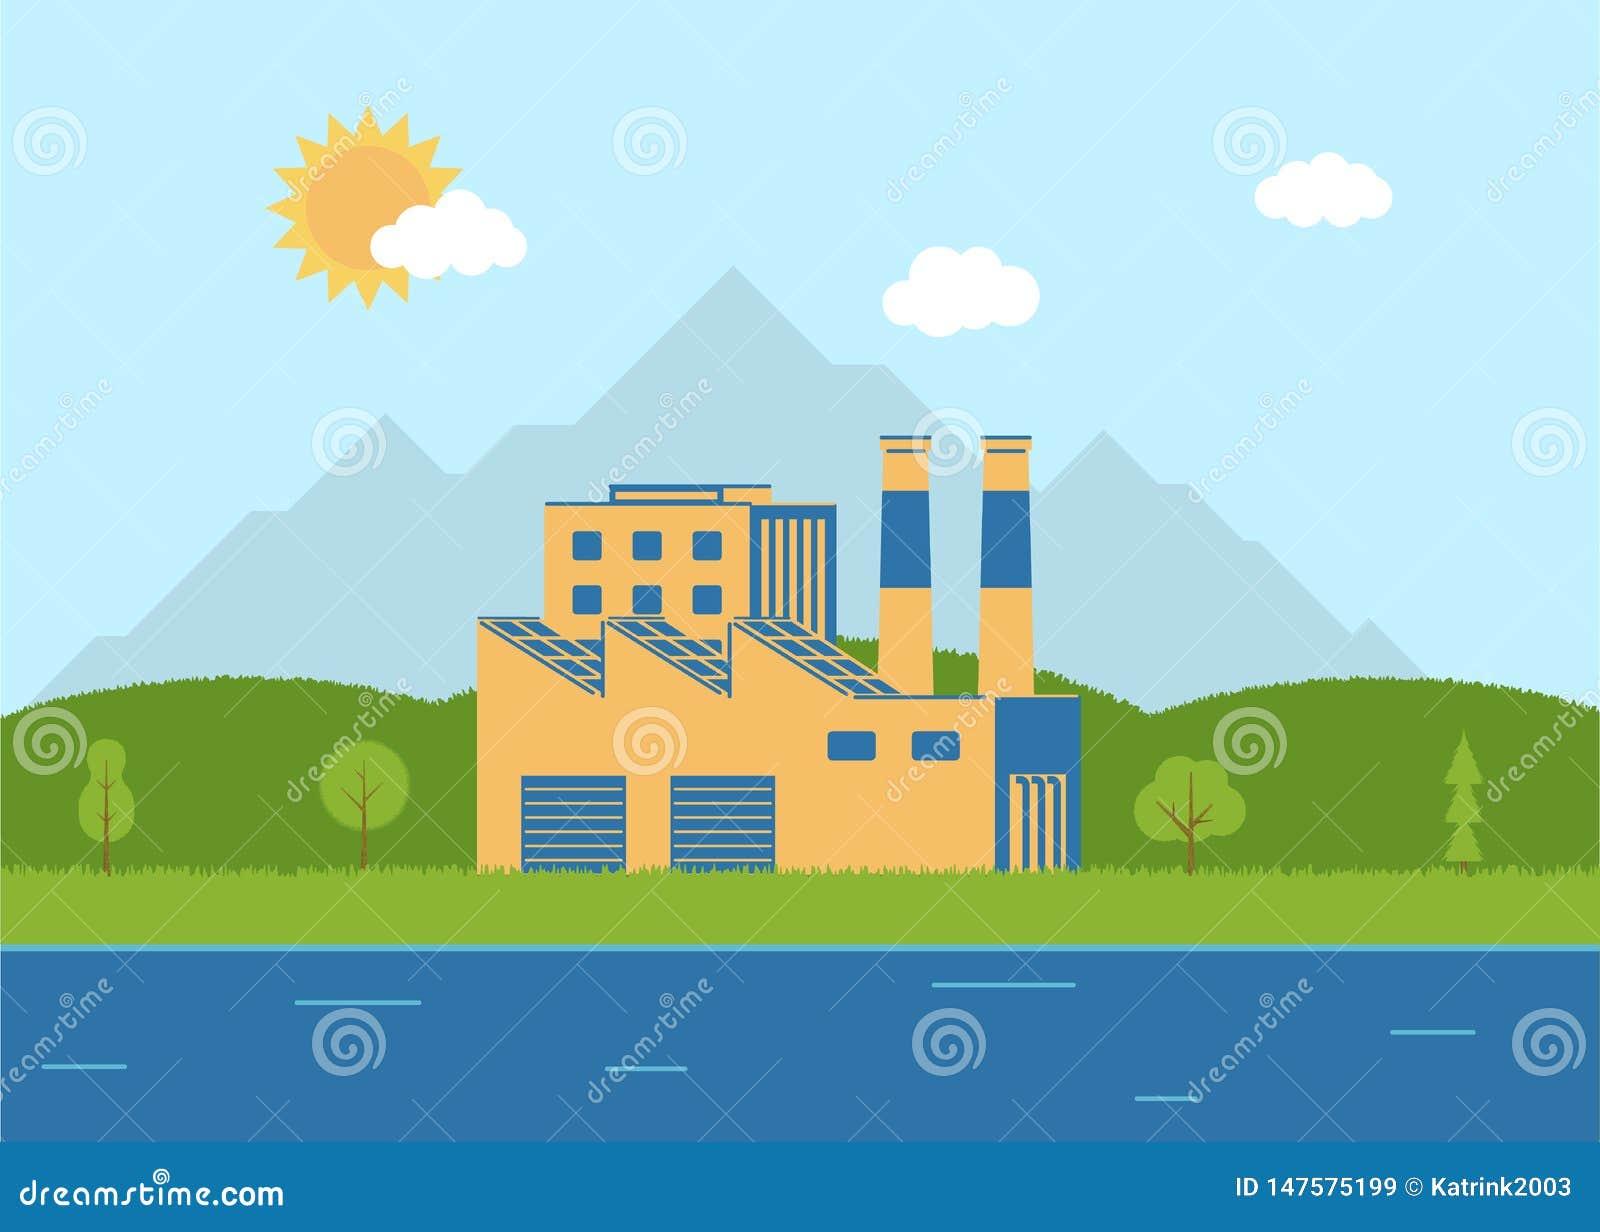 Экологическая фабрика около реки r environment